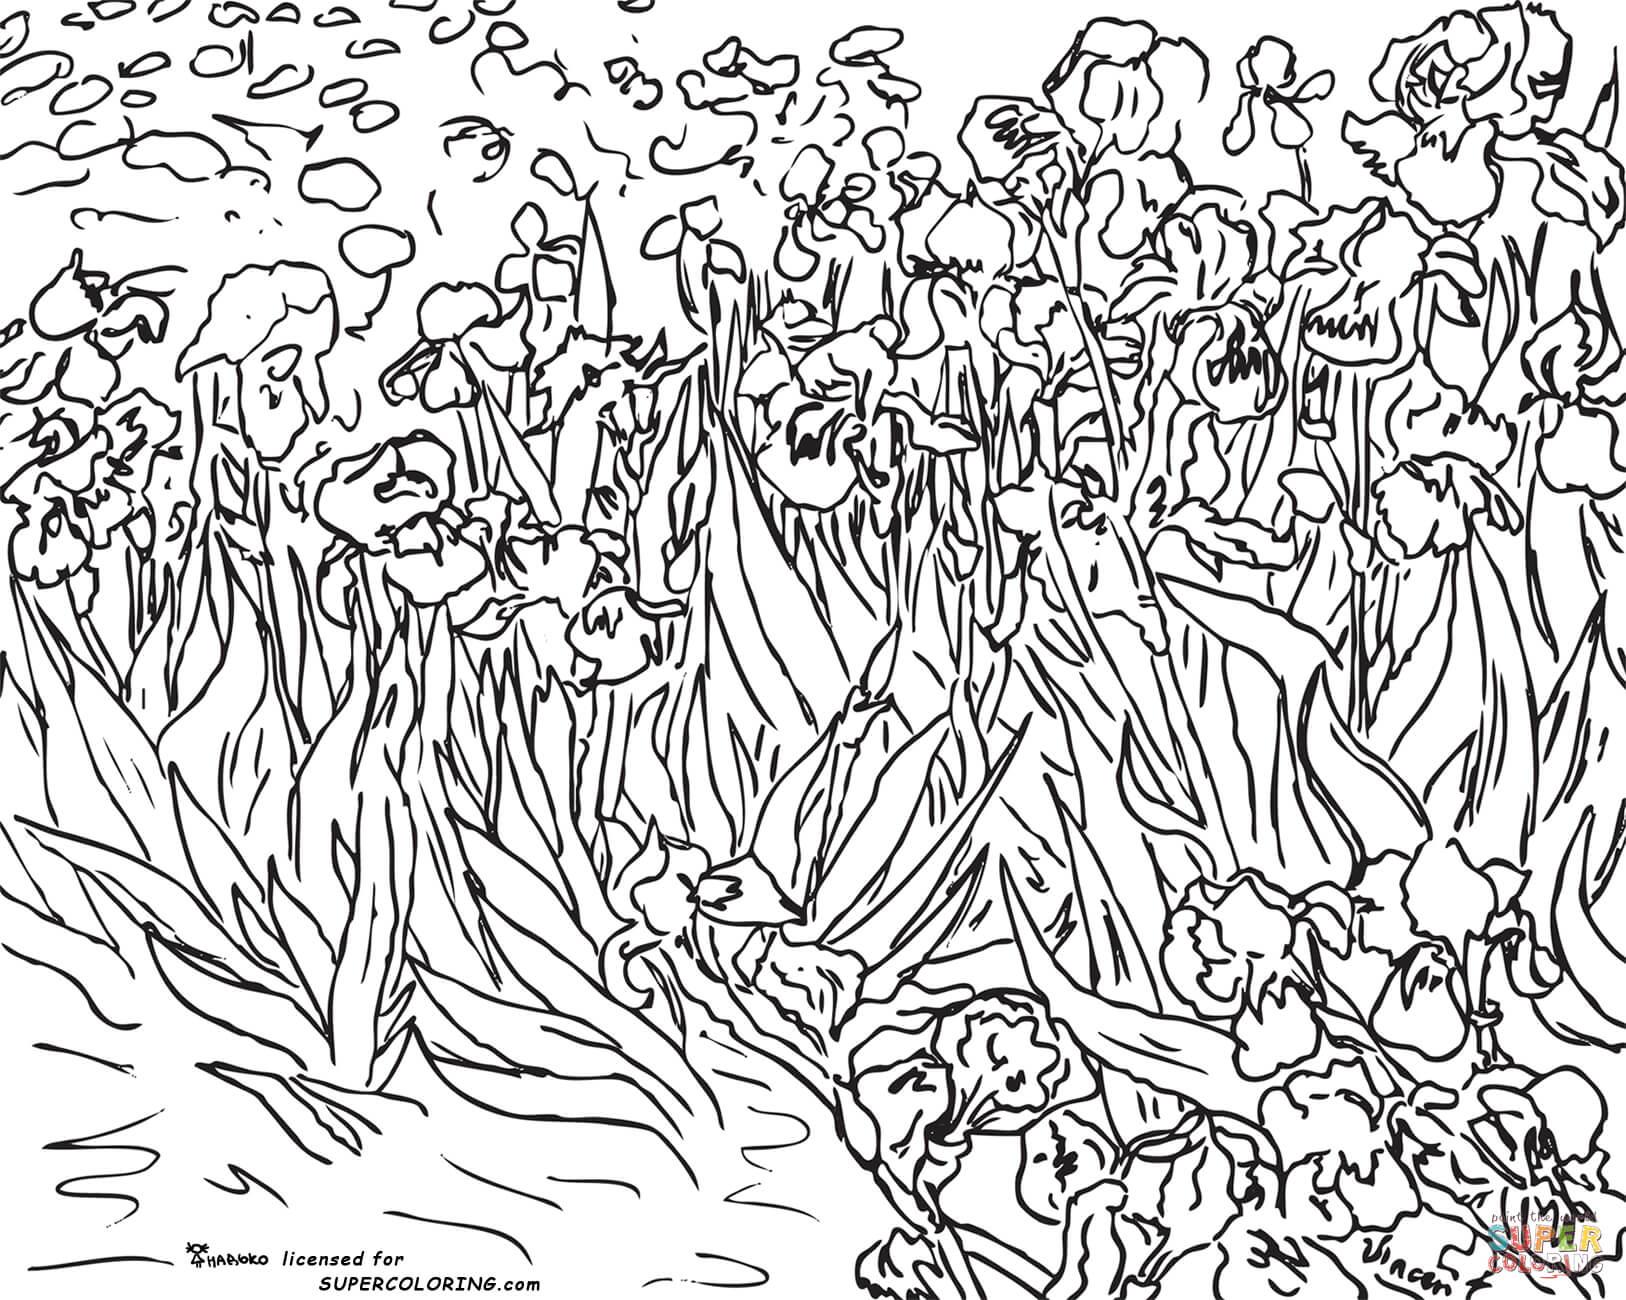 Thiel Academy Picture Study Vincent Van Gogh